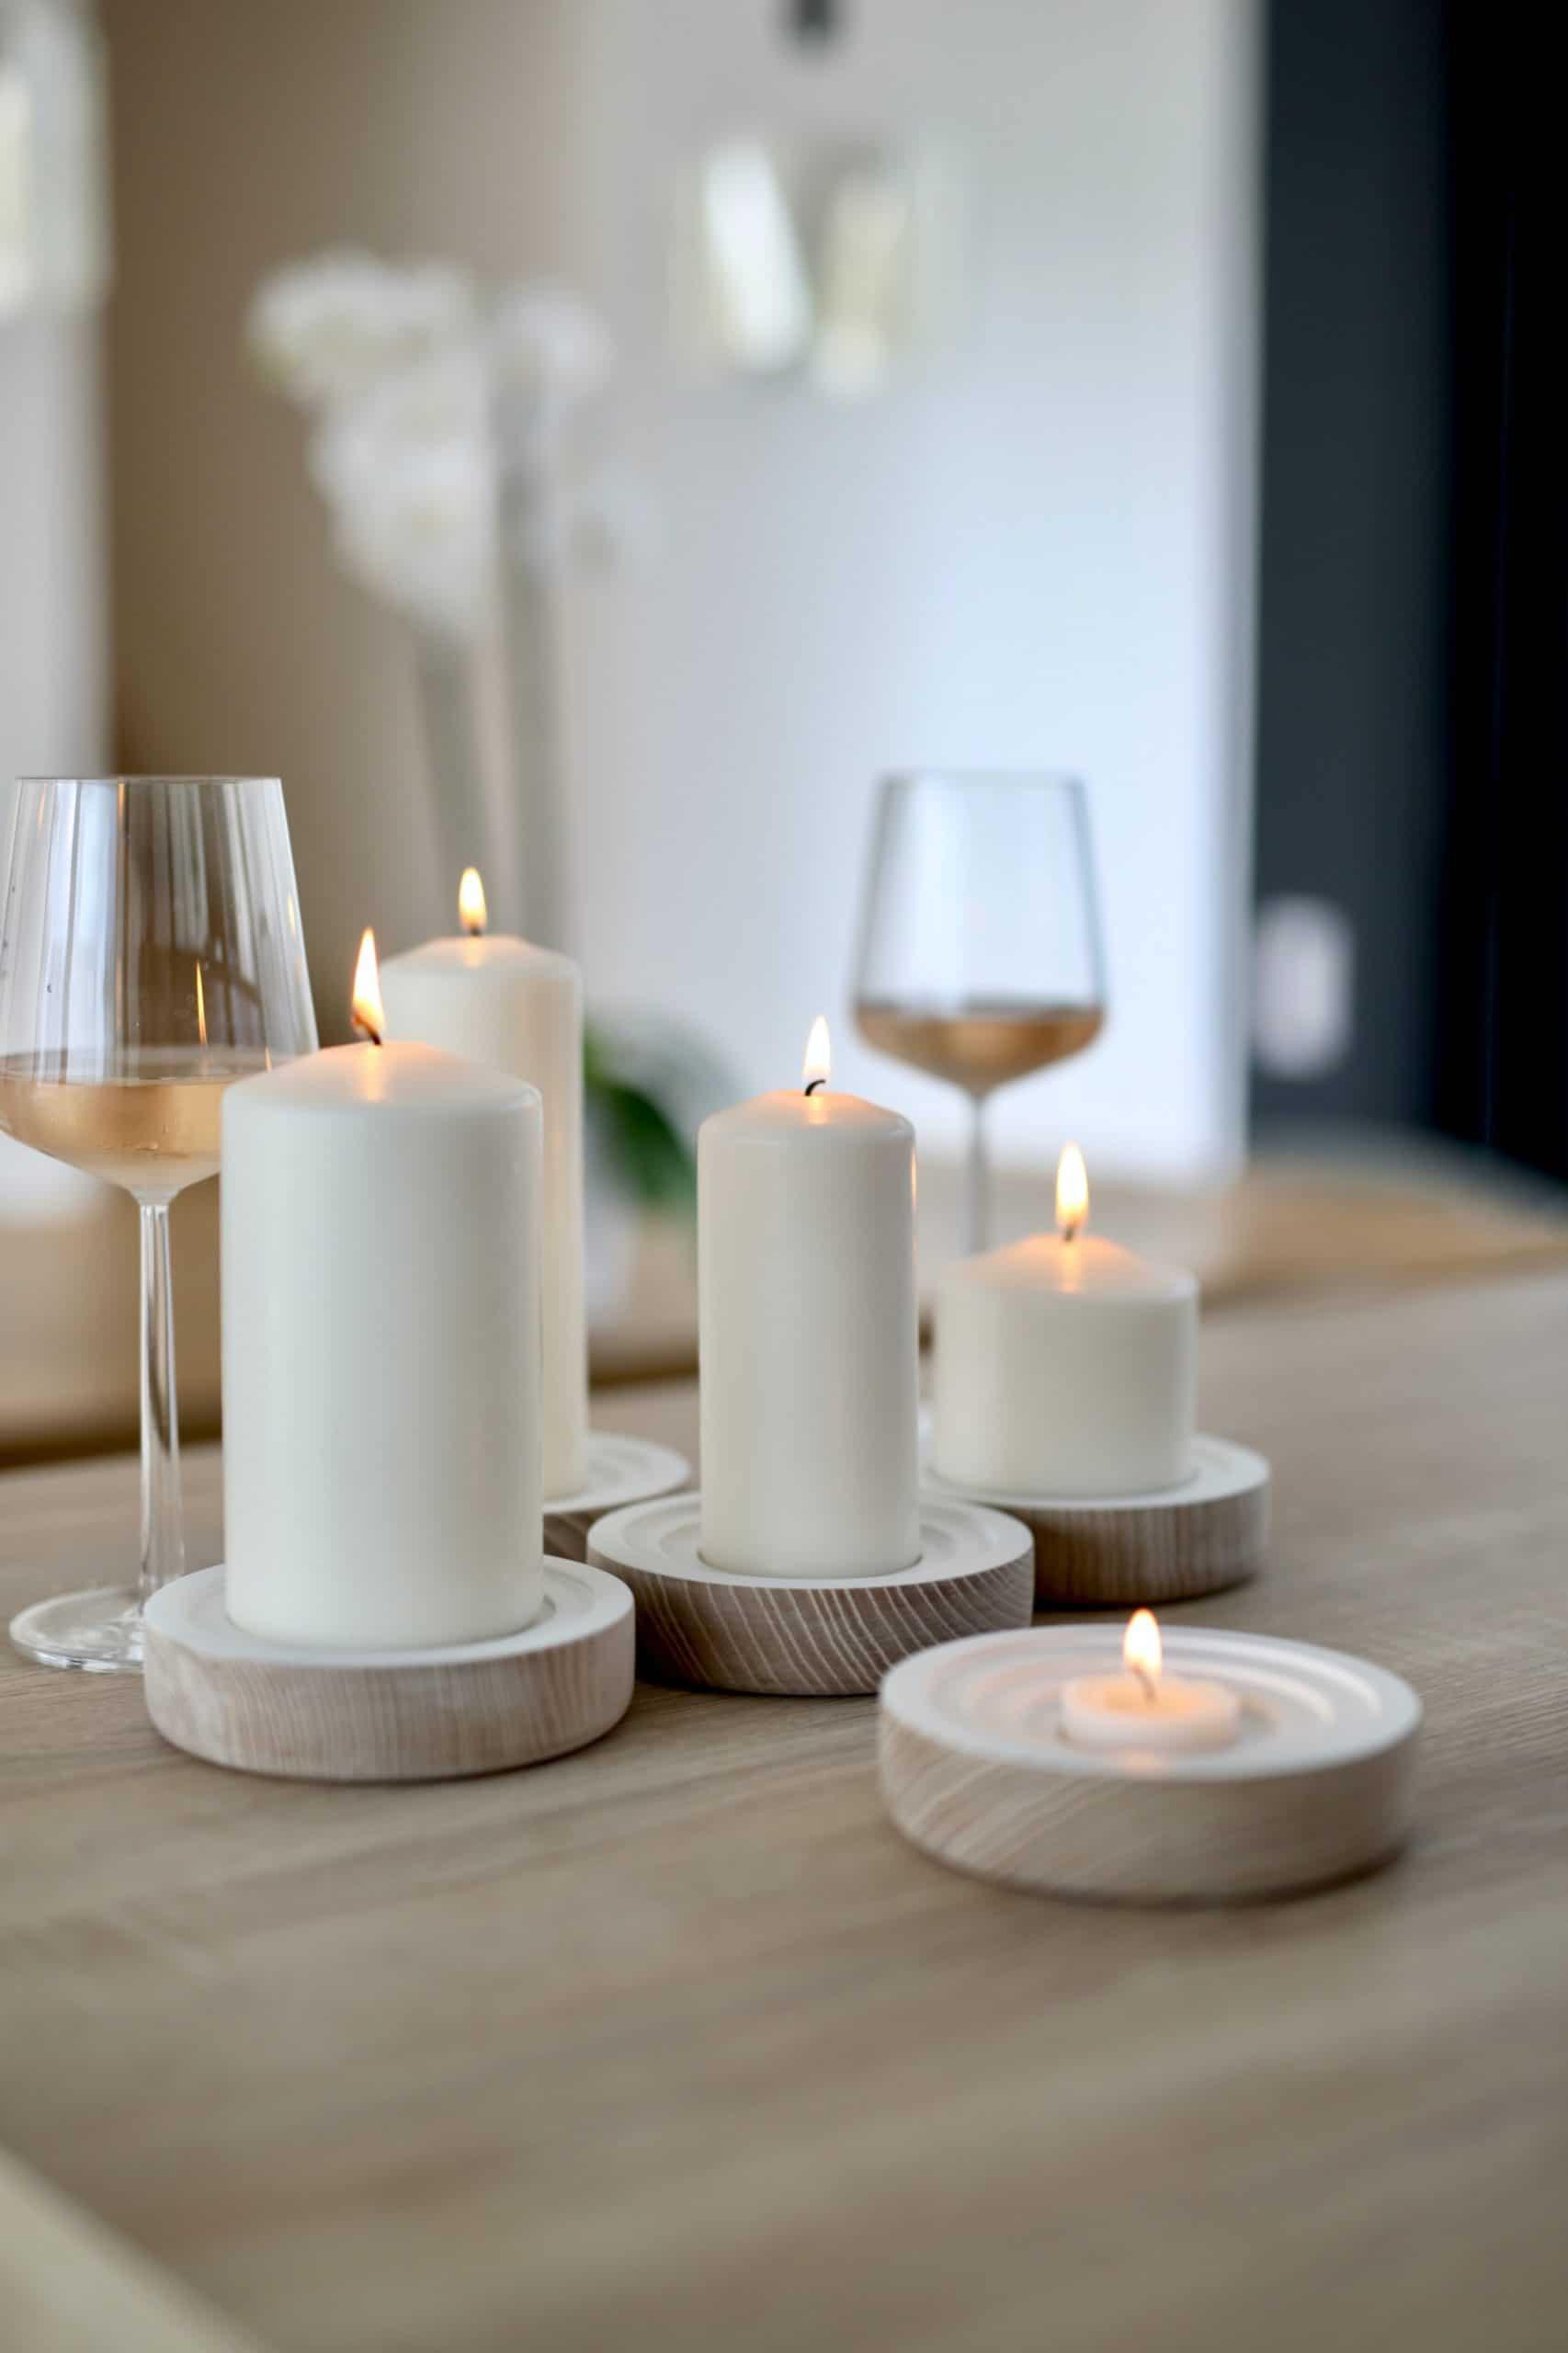 Vorteile von Home Staging für Immobilienmakler in Wuppertal & Remscheid